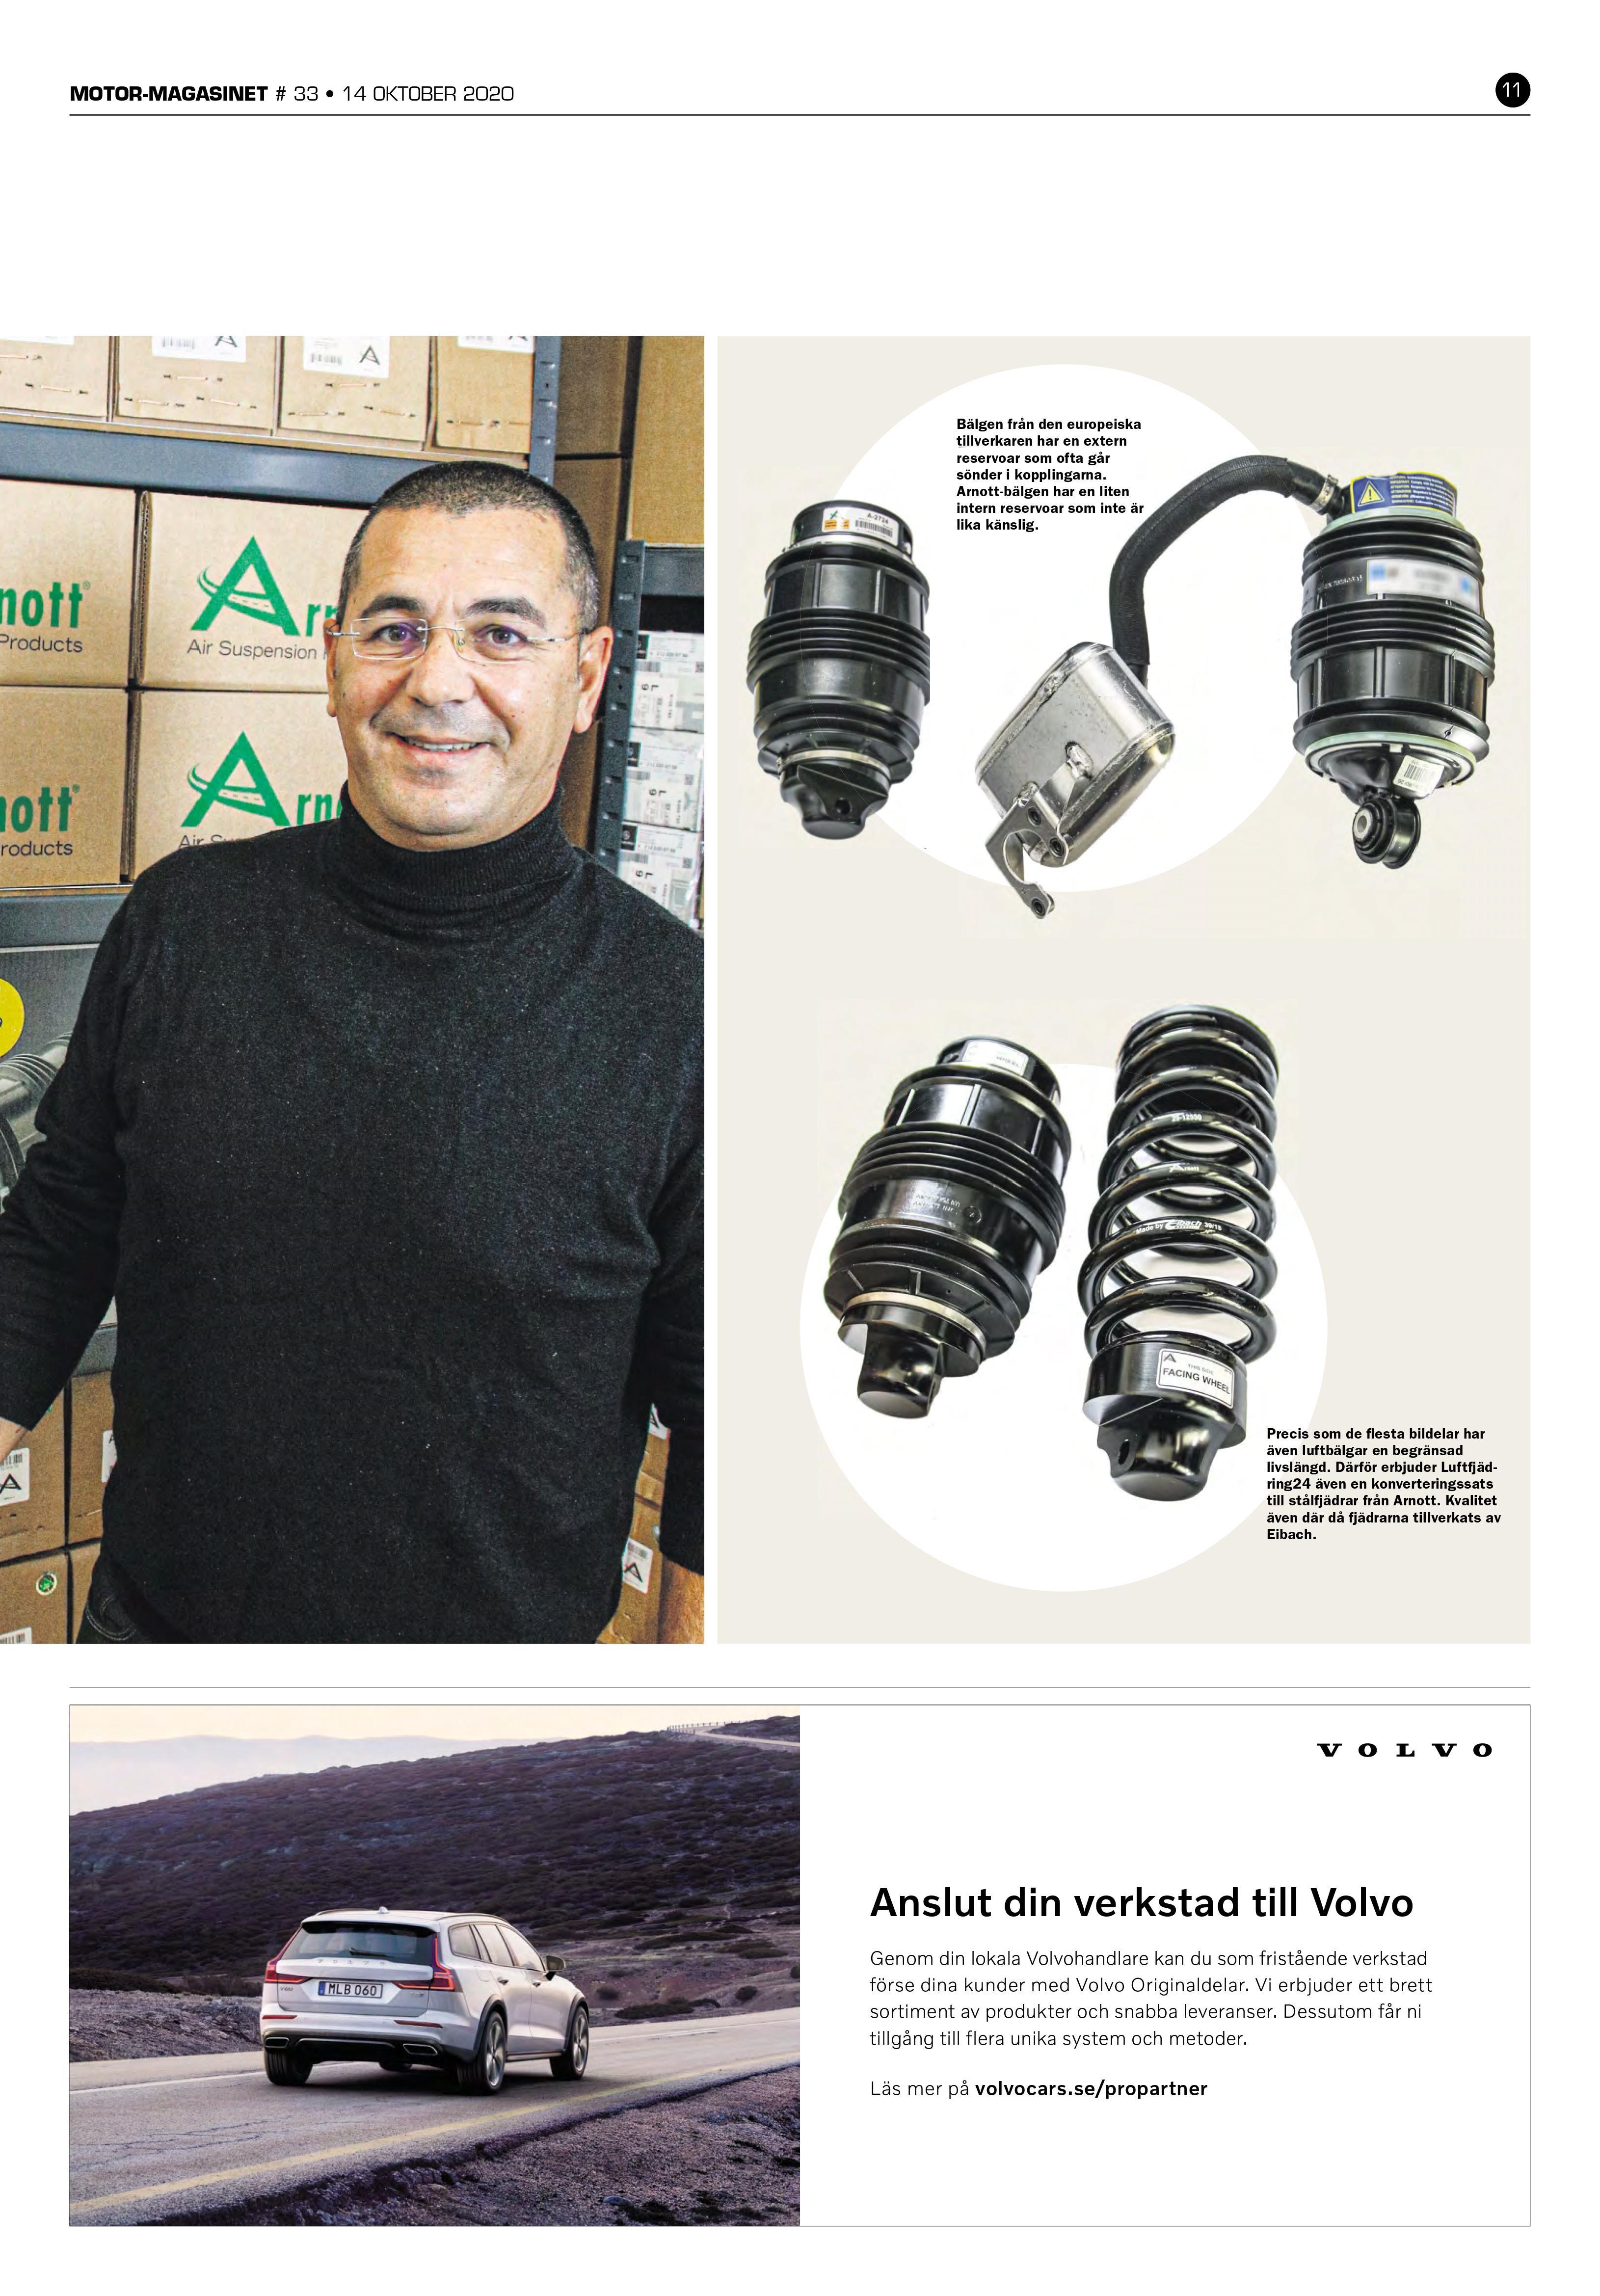 Motomagasinet Ghazi Fourati 3